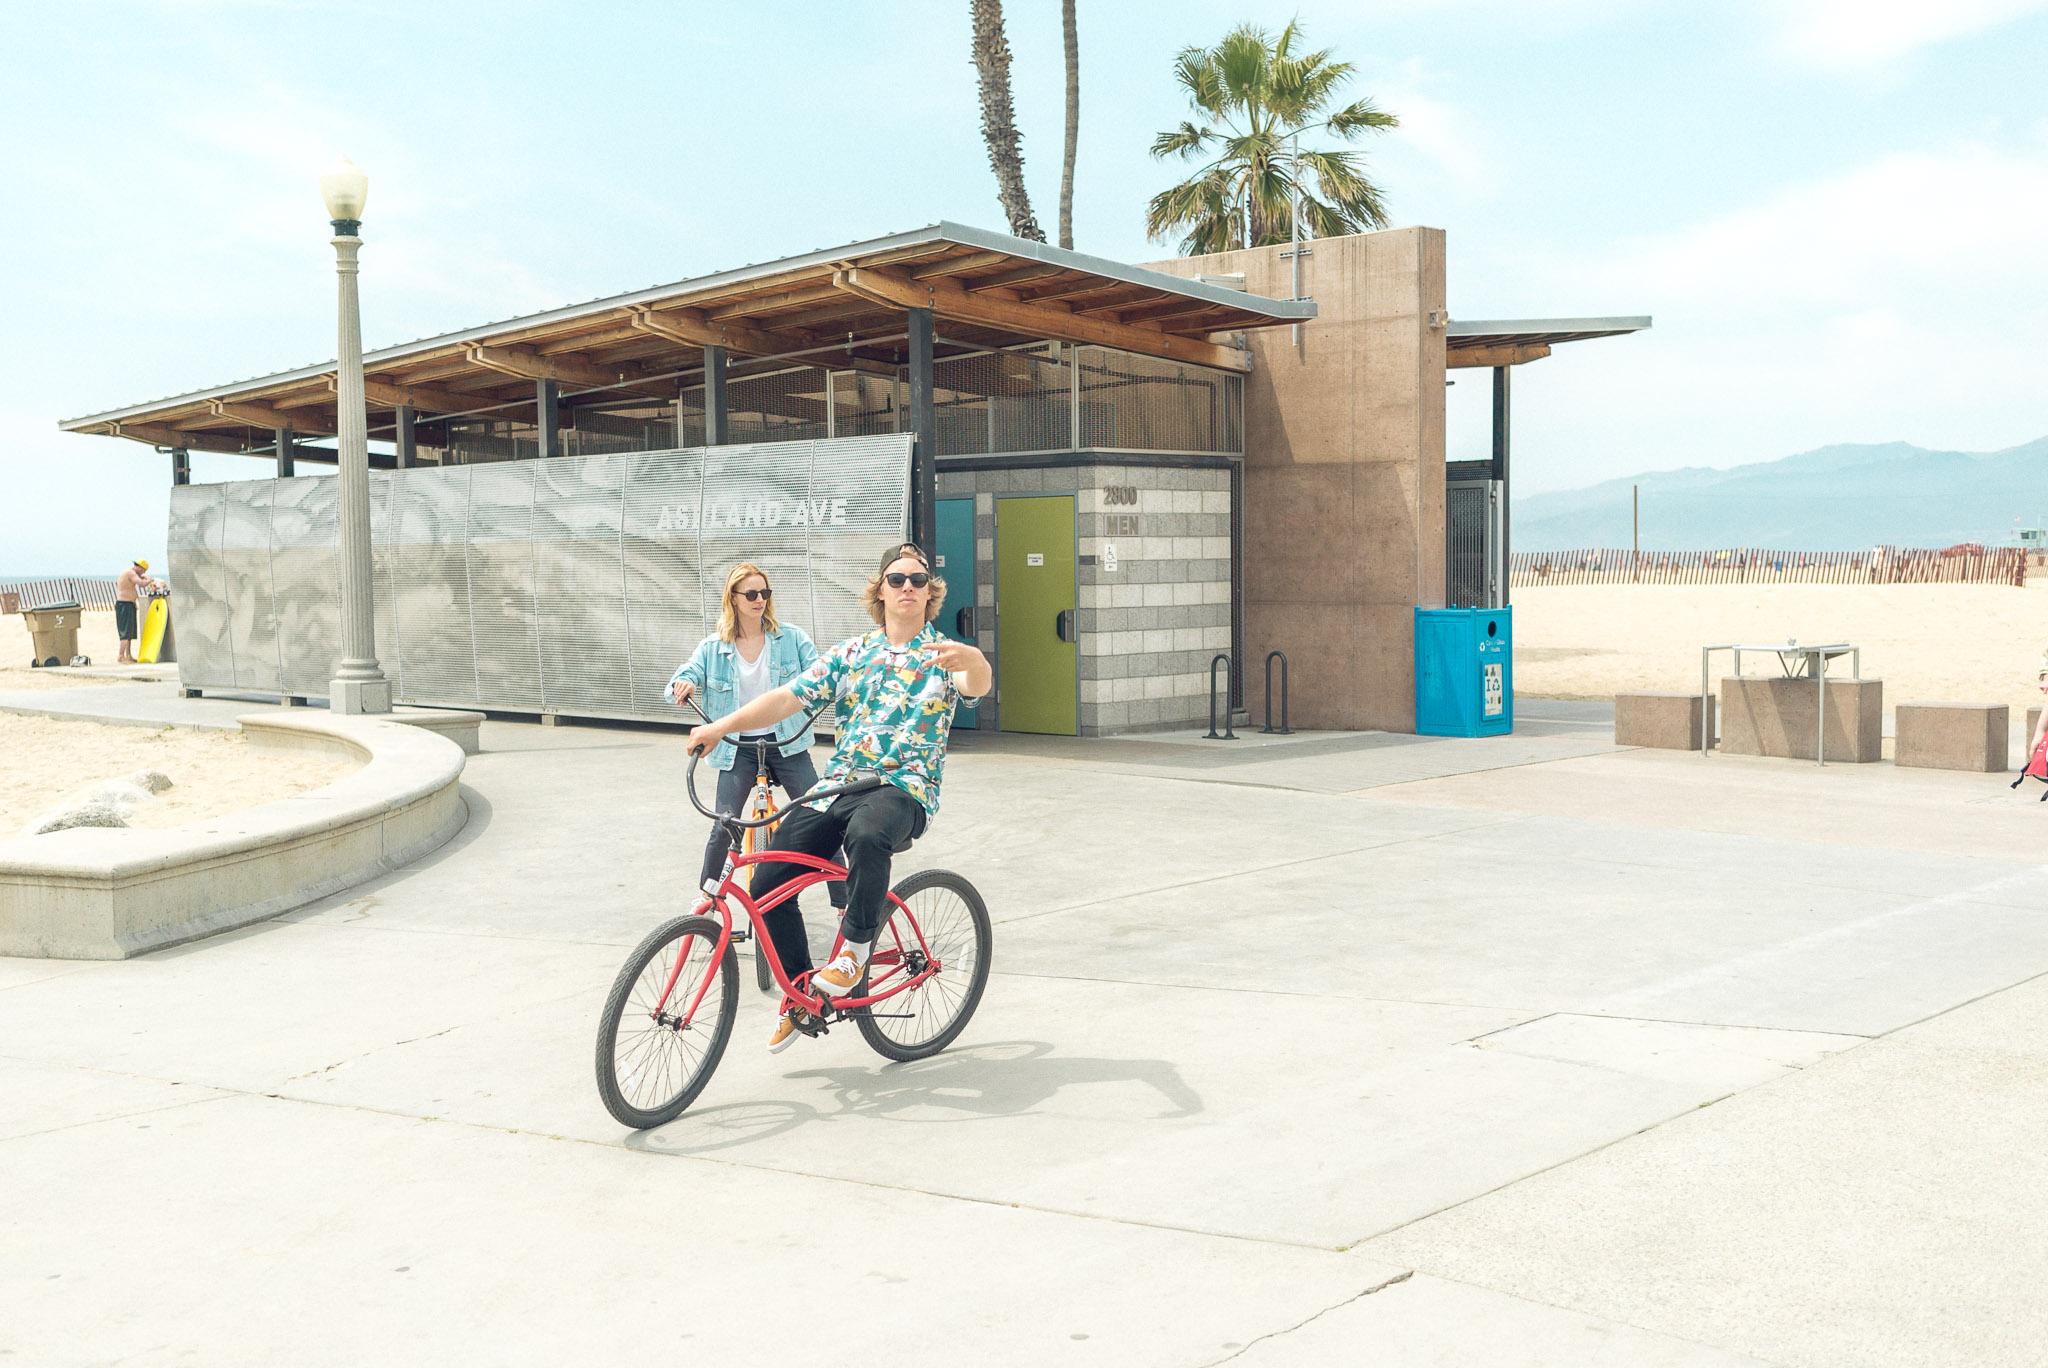 In LA ist alles ein bisschen größer, auch die Entfernungen zwischen den verschiedenen Touri Spots. Ein Fahrrad ist in dieser Stadt ein gutes und beliebtes Fortbewegungsmittel. Im Bild: Sebi und Nicki